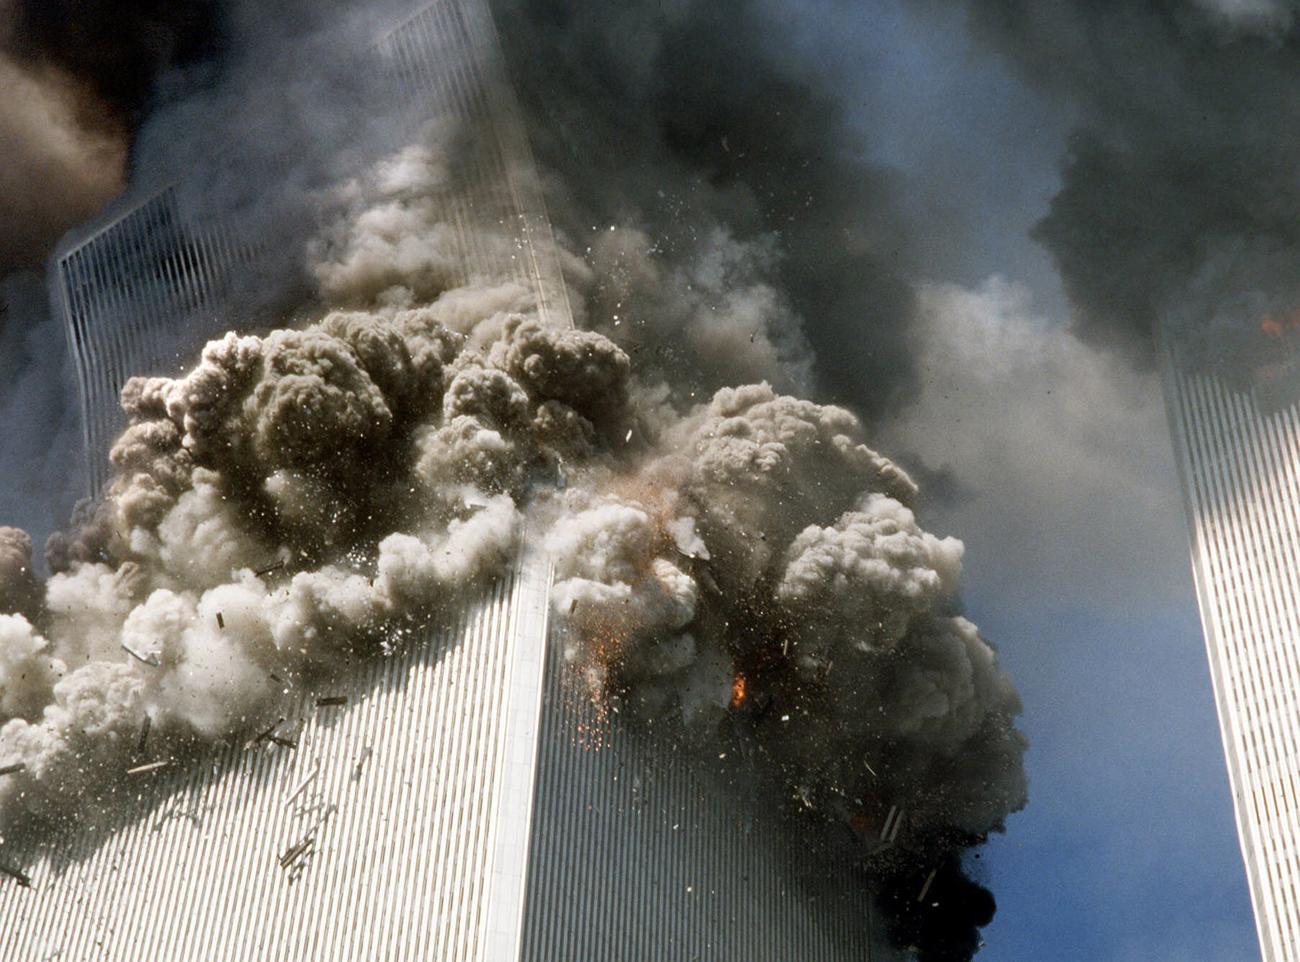 Auch 15 Jahre nach den Terroranschlägen sitzt der Schock noch tief.